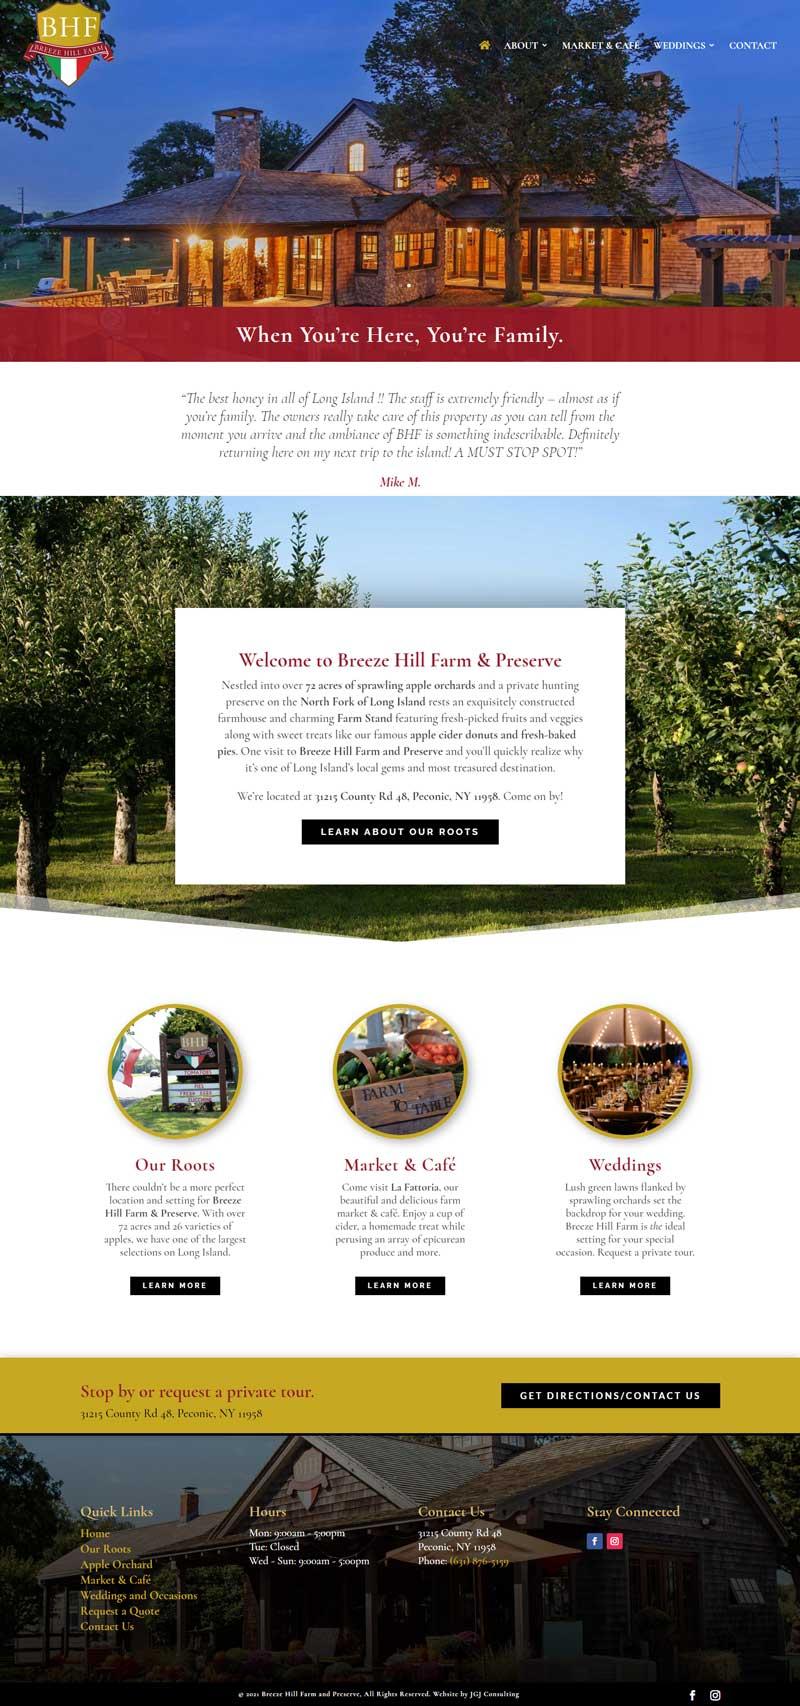 Breeze Hil Farm